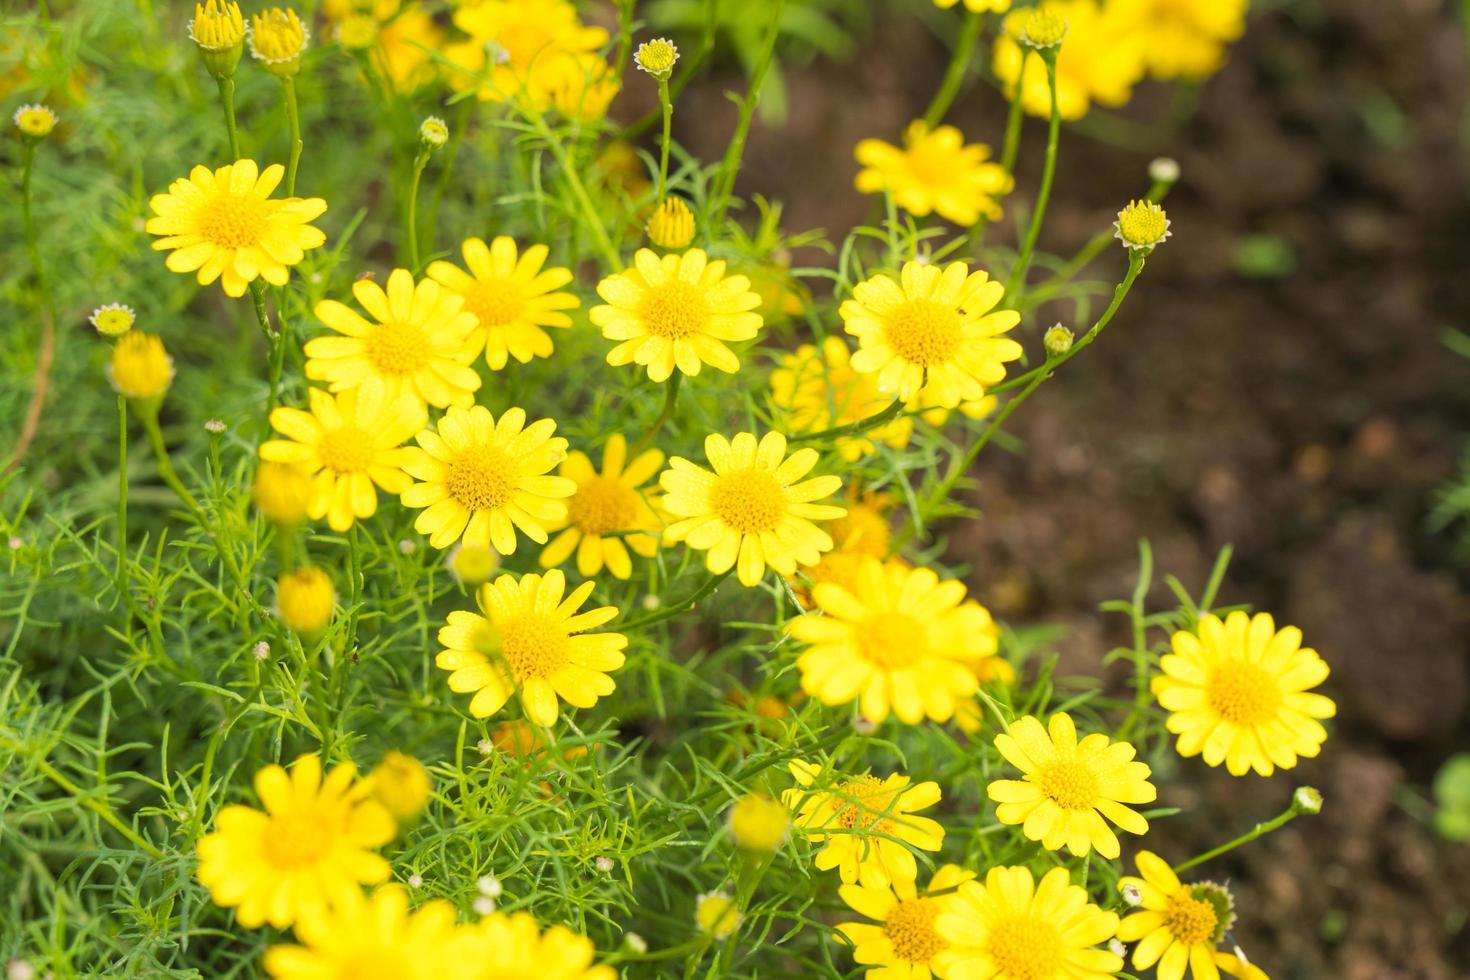 fiori margherita gialla nel parco foto